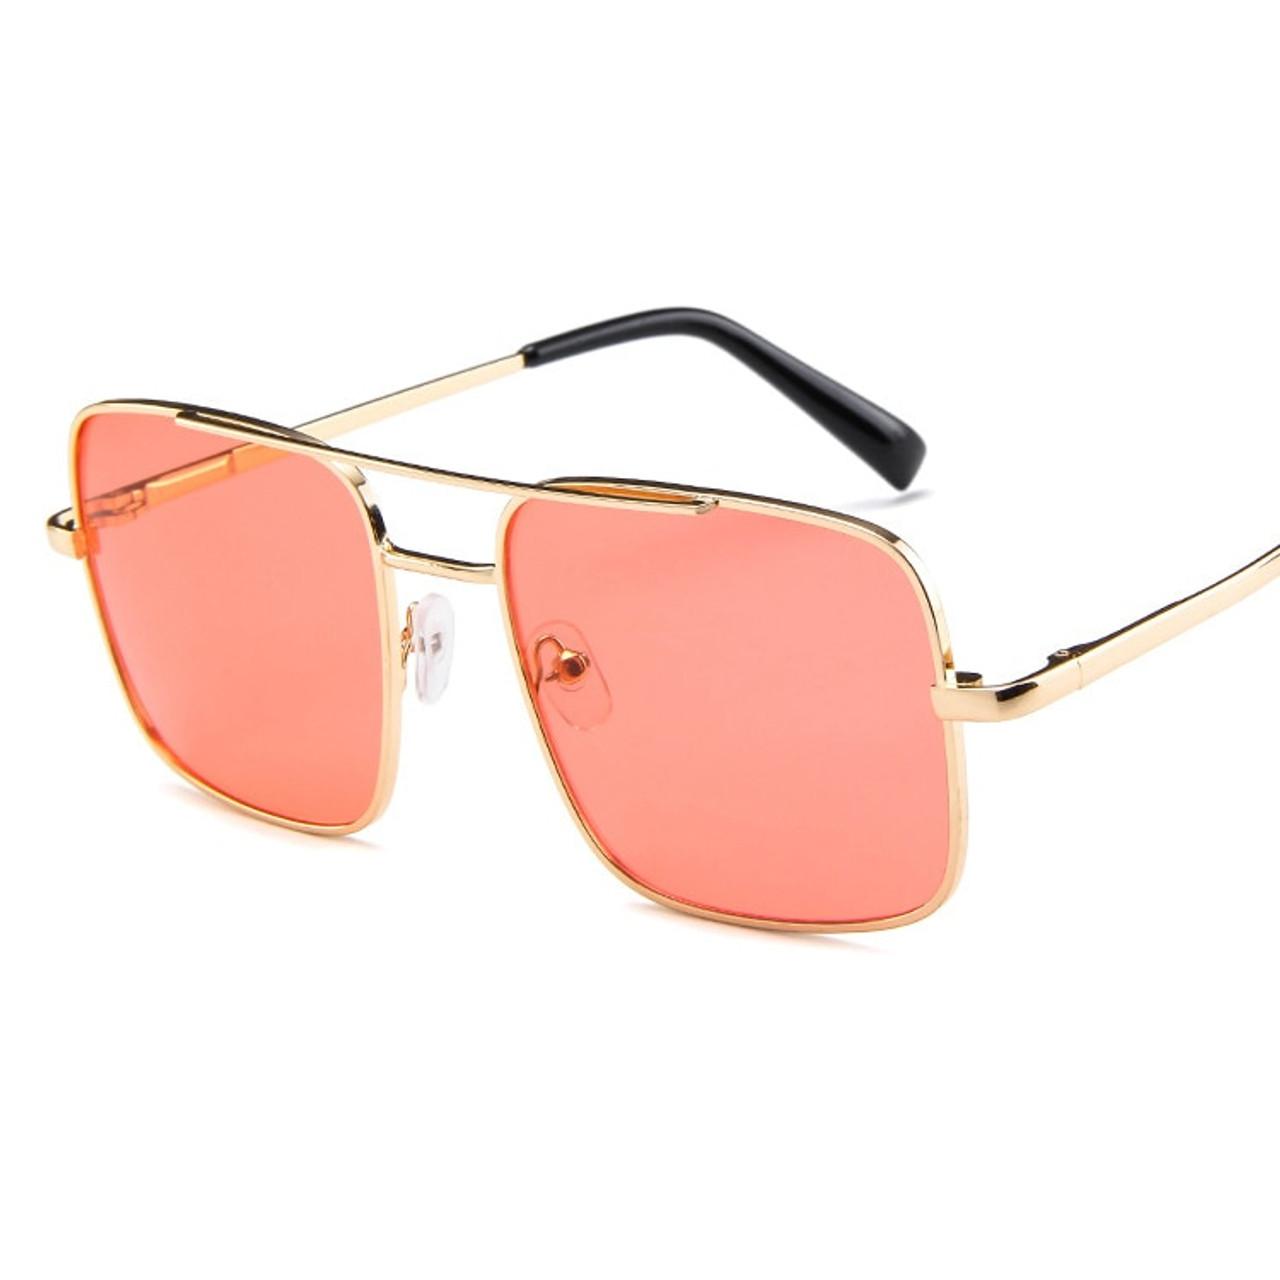 dd1f91da289 ... Hih hop Square Sunglasses Women Men Shades Retro Classic Vintage Sun  Glasses Female Male Luxury Brand ...